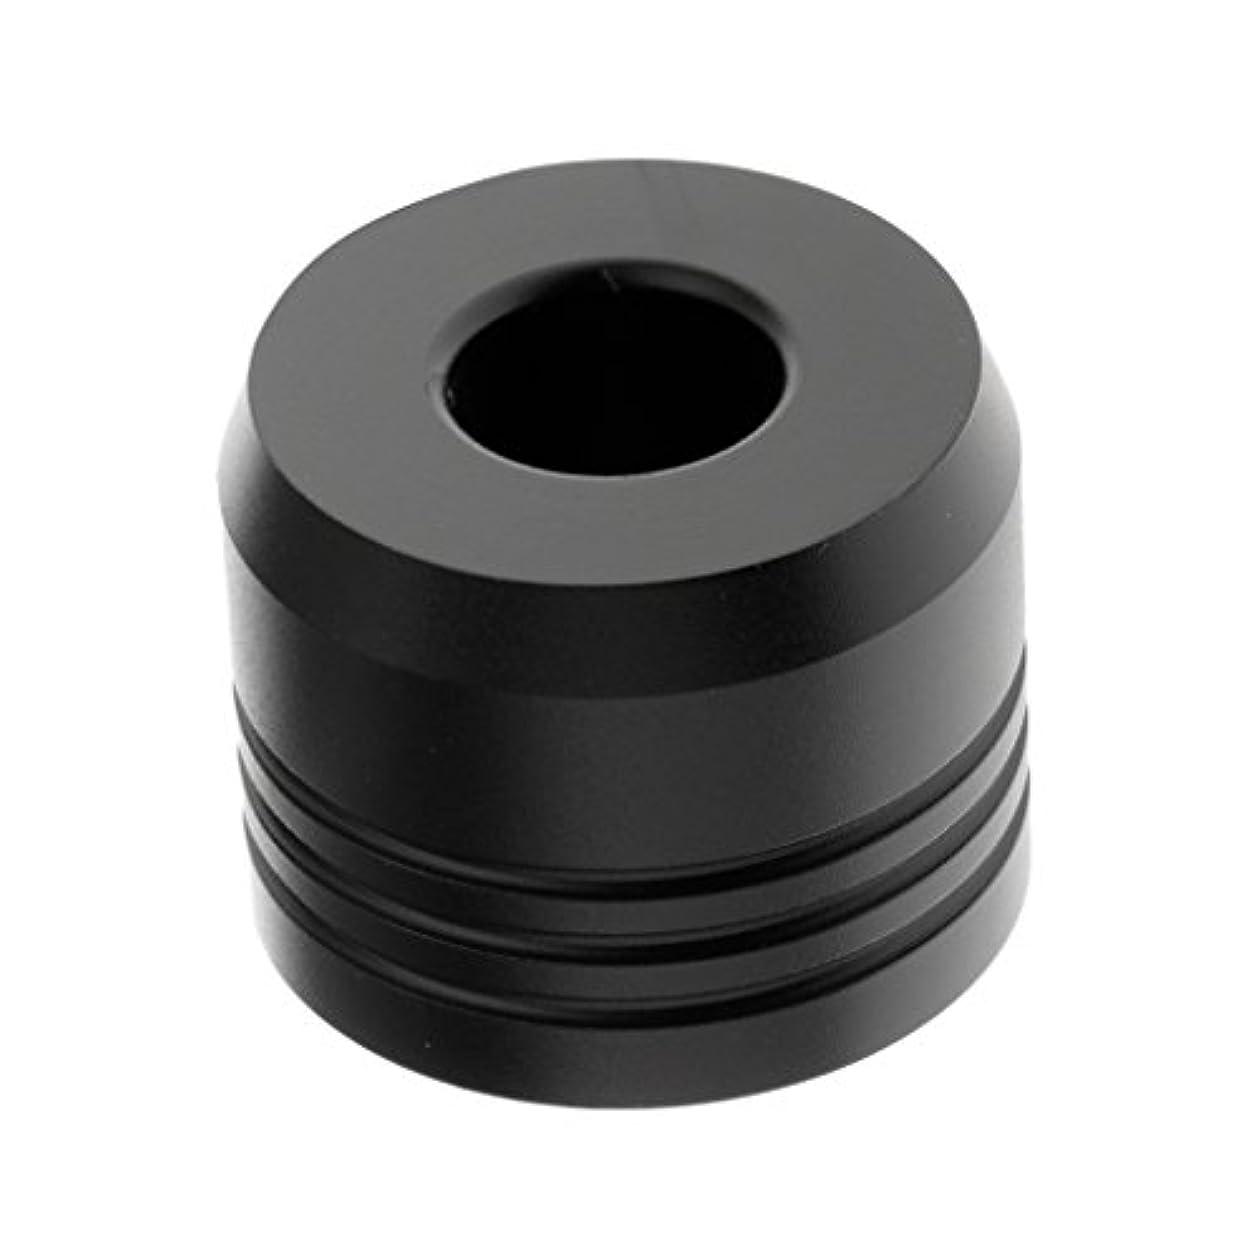 前者起きているオーバーコートBaosity カミソリスタンド スタンド シェービング カミソリホルダー ベース サポート 調節可 乾燥 高品質 2色選べ   - ブラック